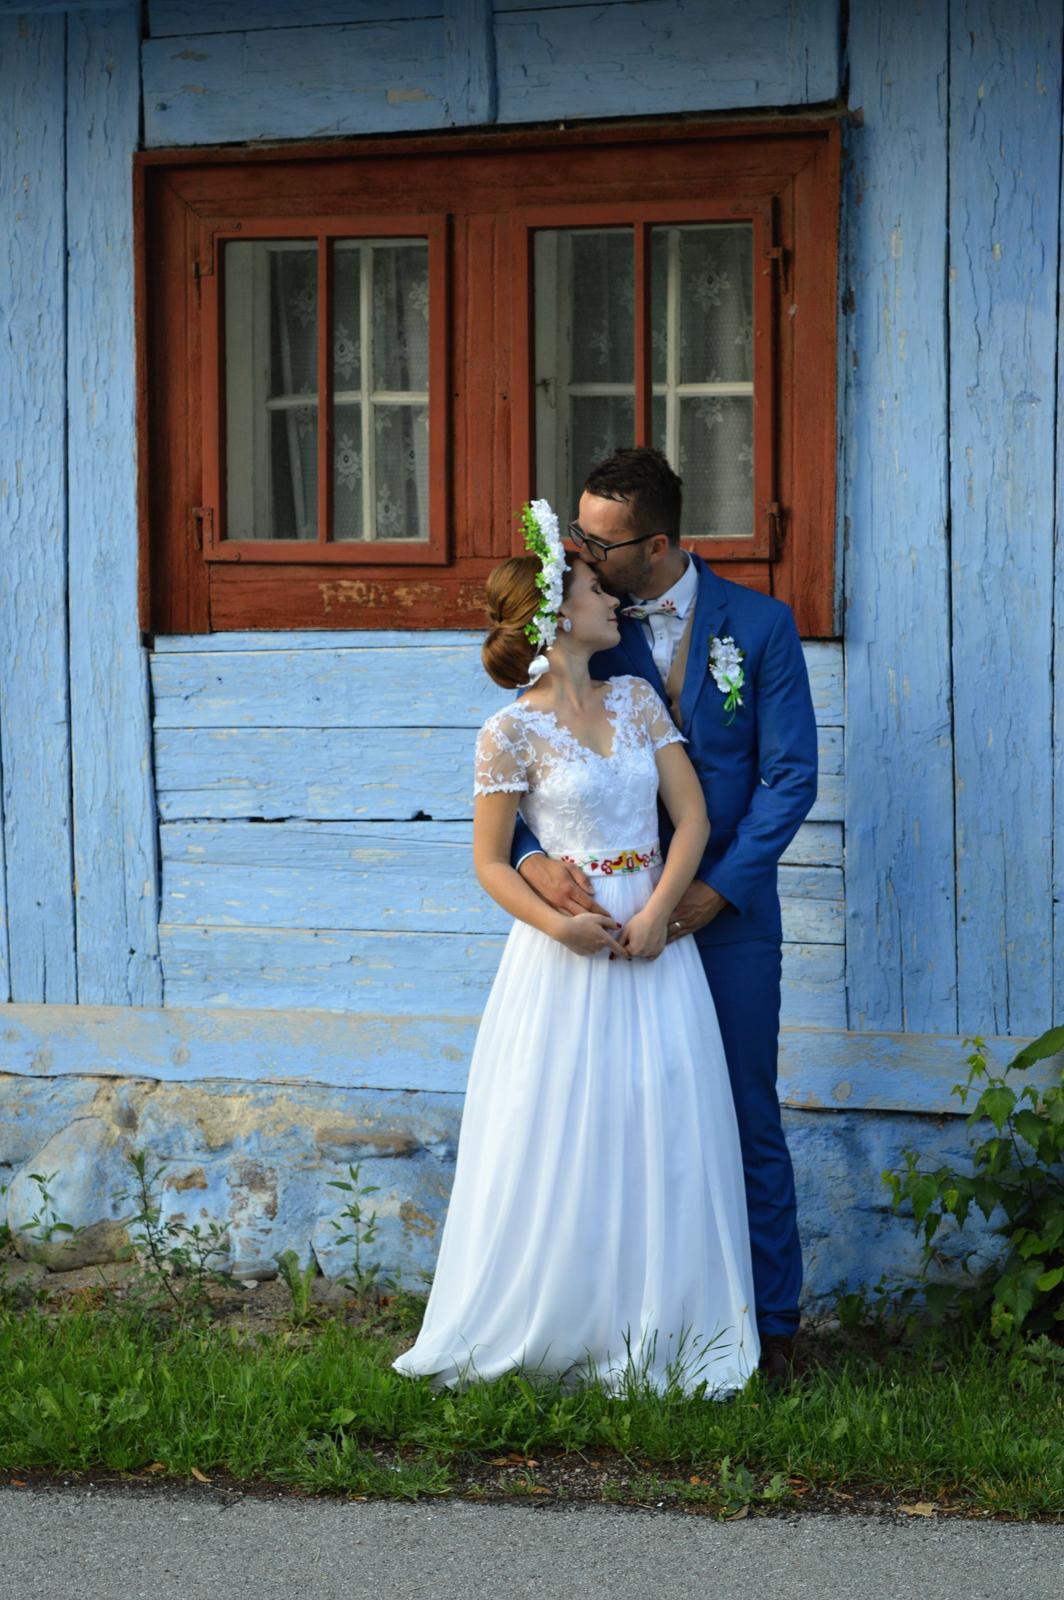 Ľahučké svadobné šaty - Obrázok č. 1